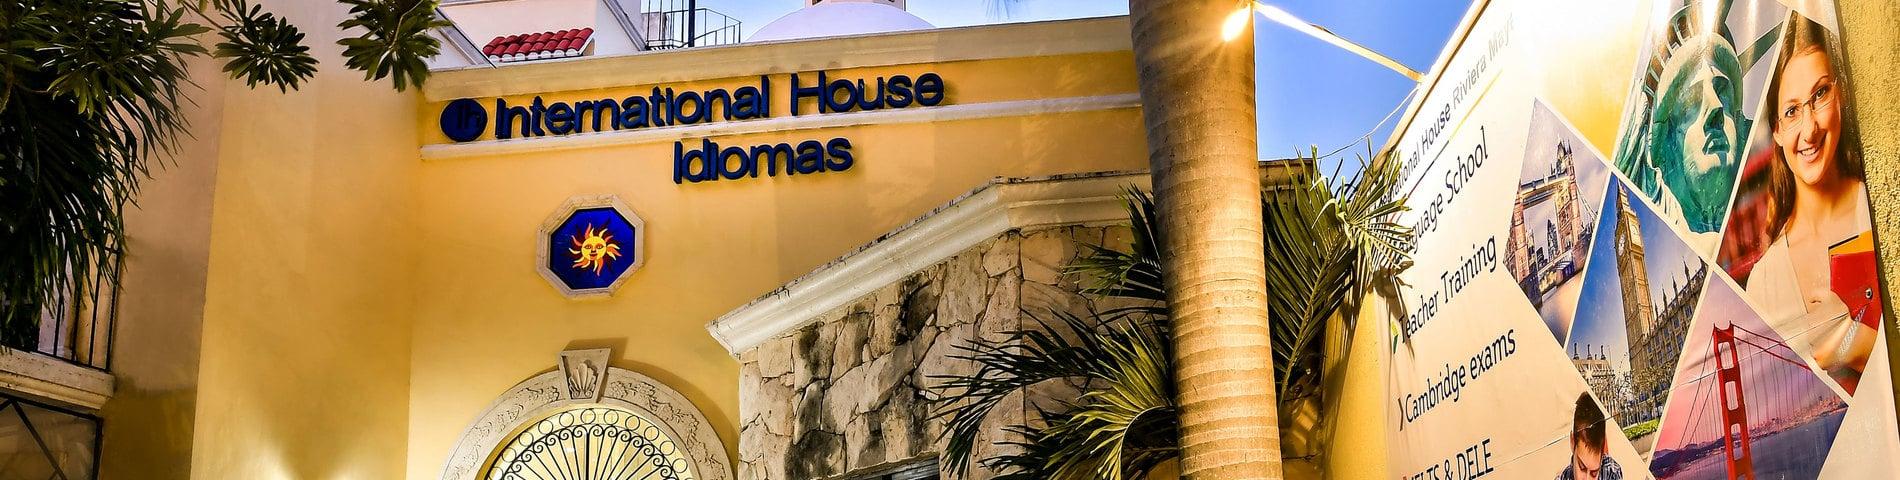 International House - Riviera Maya picture 1